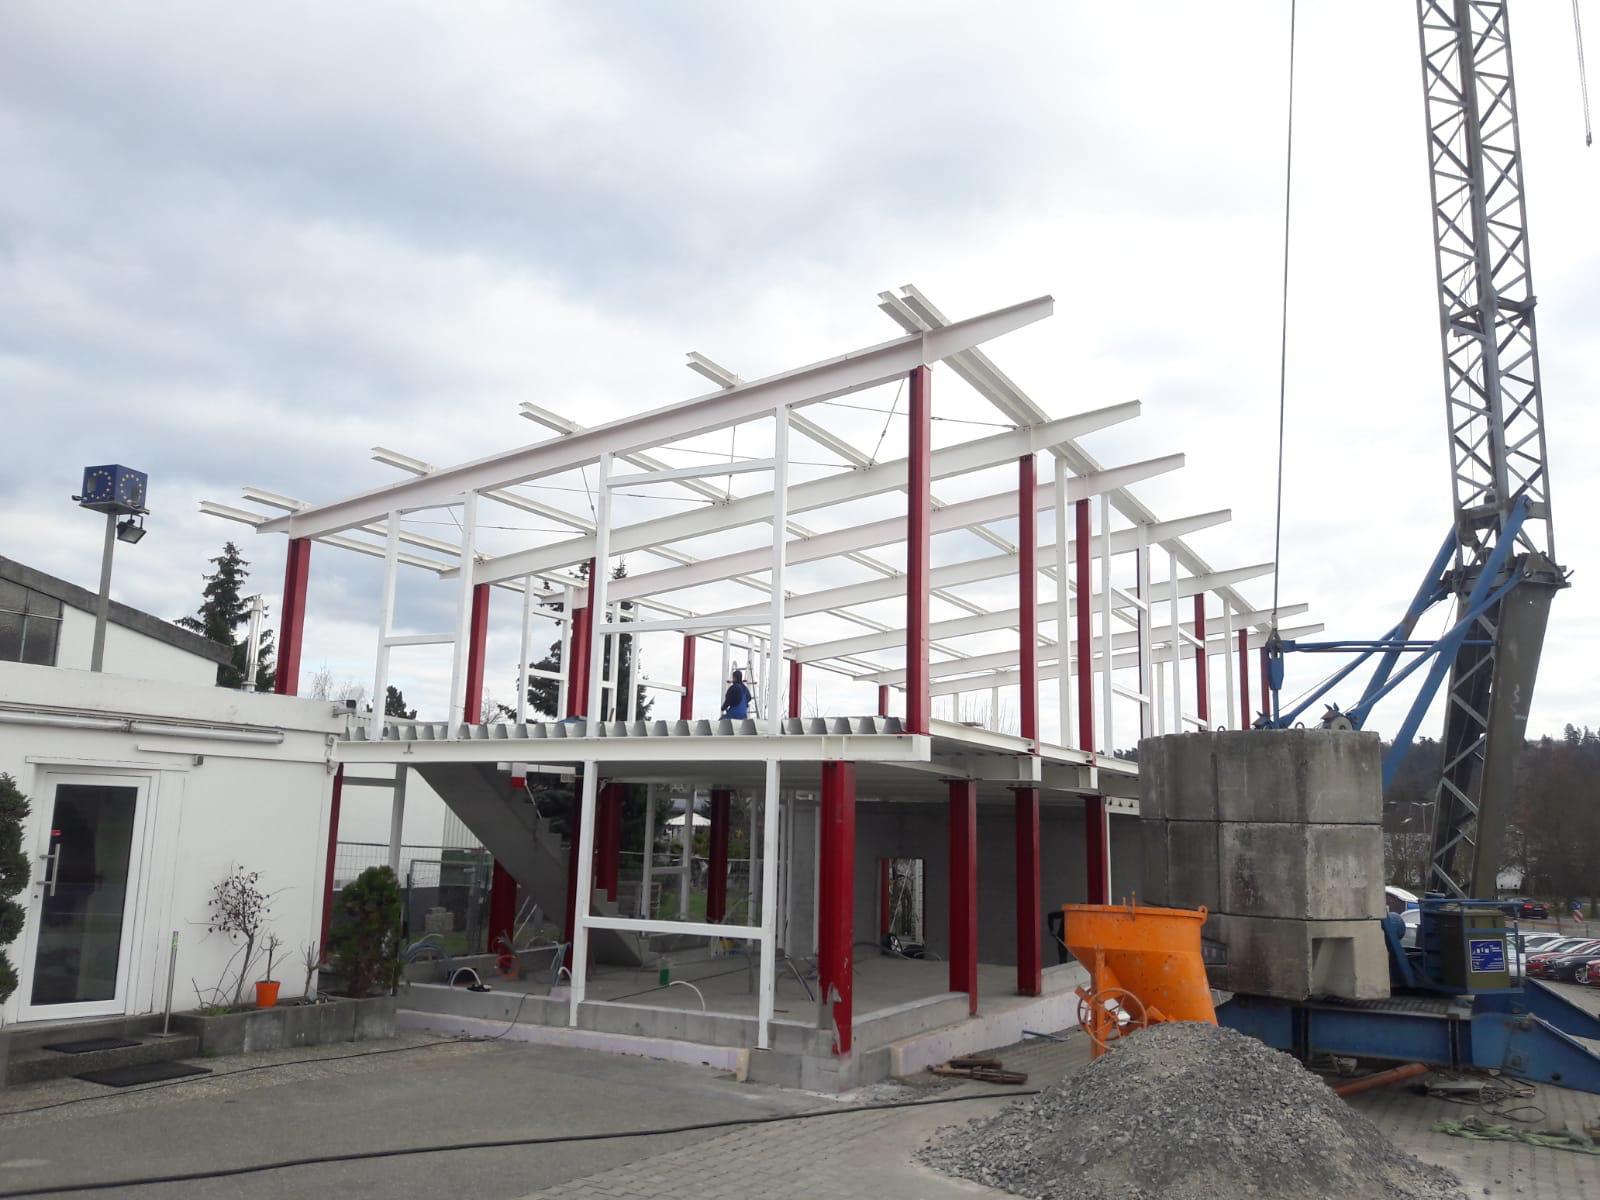 Errichtung einer Halle mit Verbunddecke für ein Autohaus in Nufringen